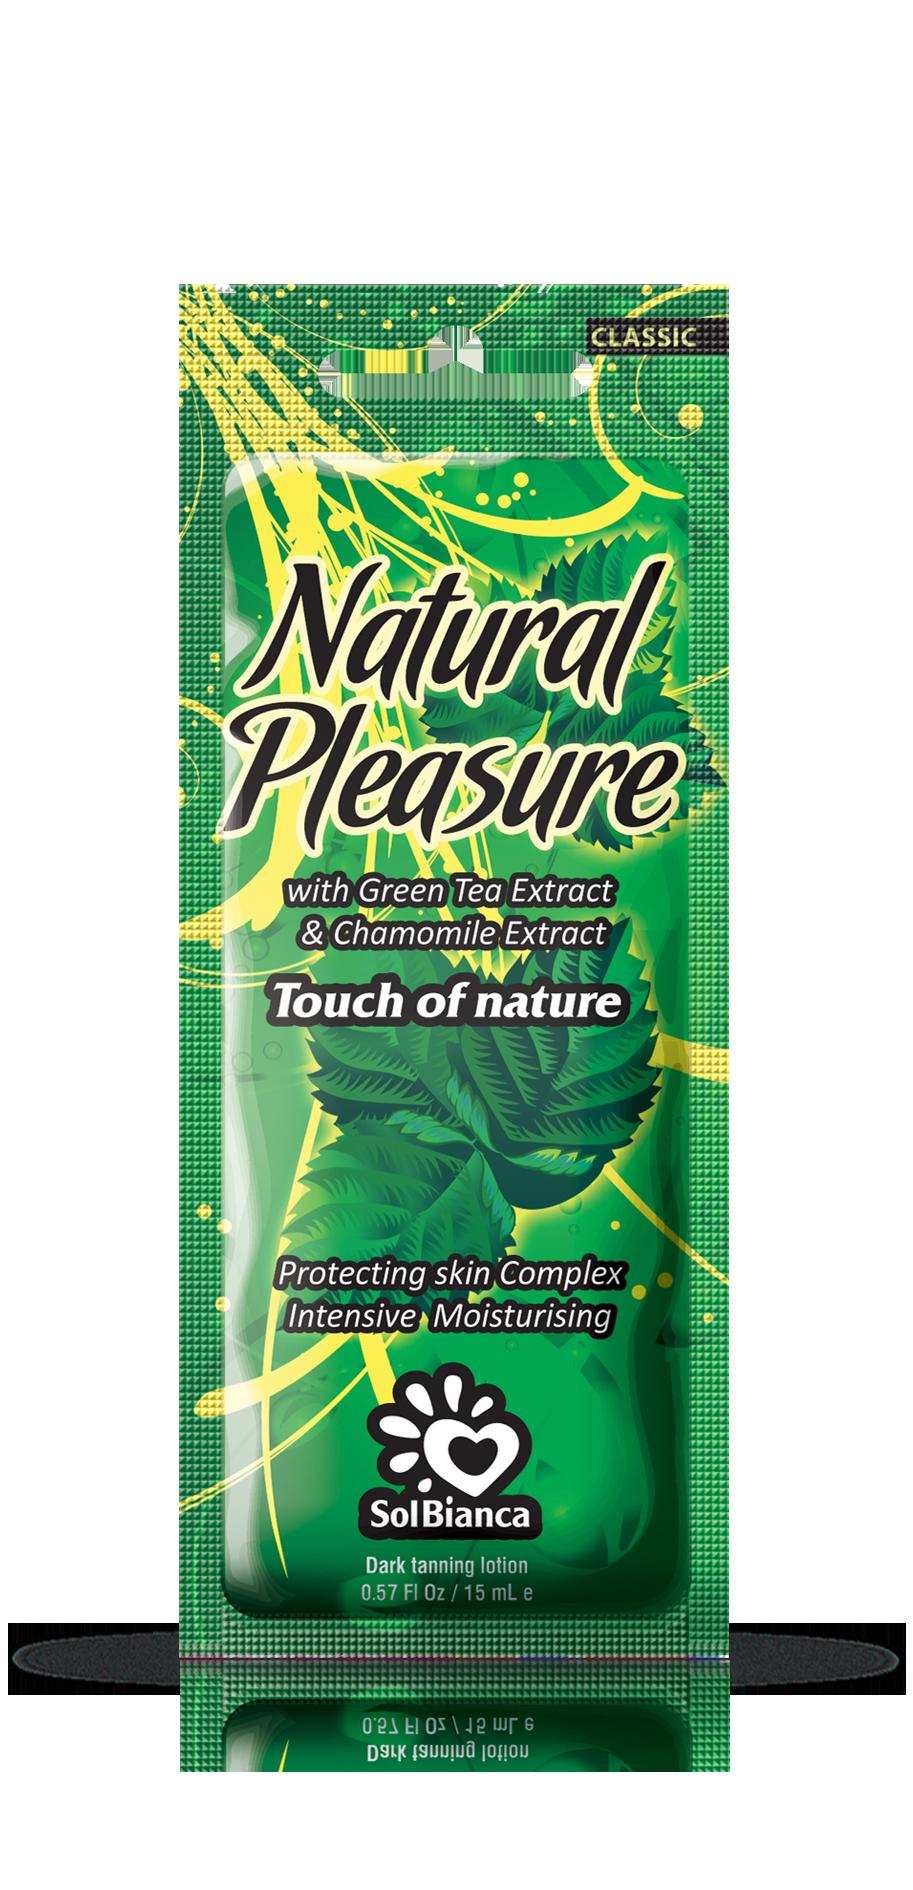 SOLBIANCA Крем с экстрактом зеленого чая для загара в солярии / Natural Pleasure 15 мл